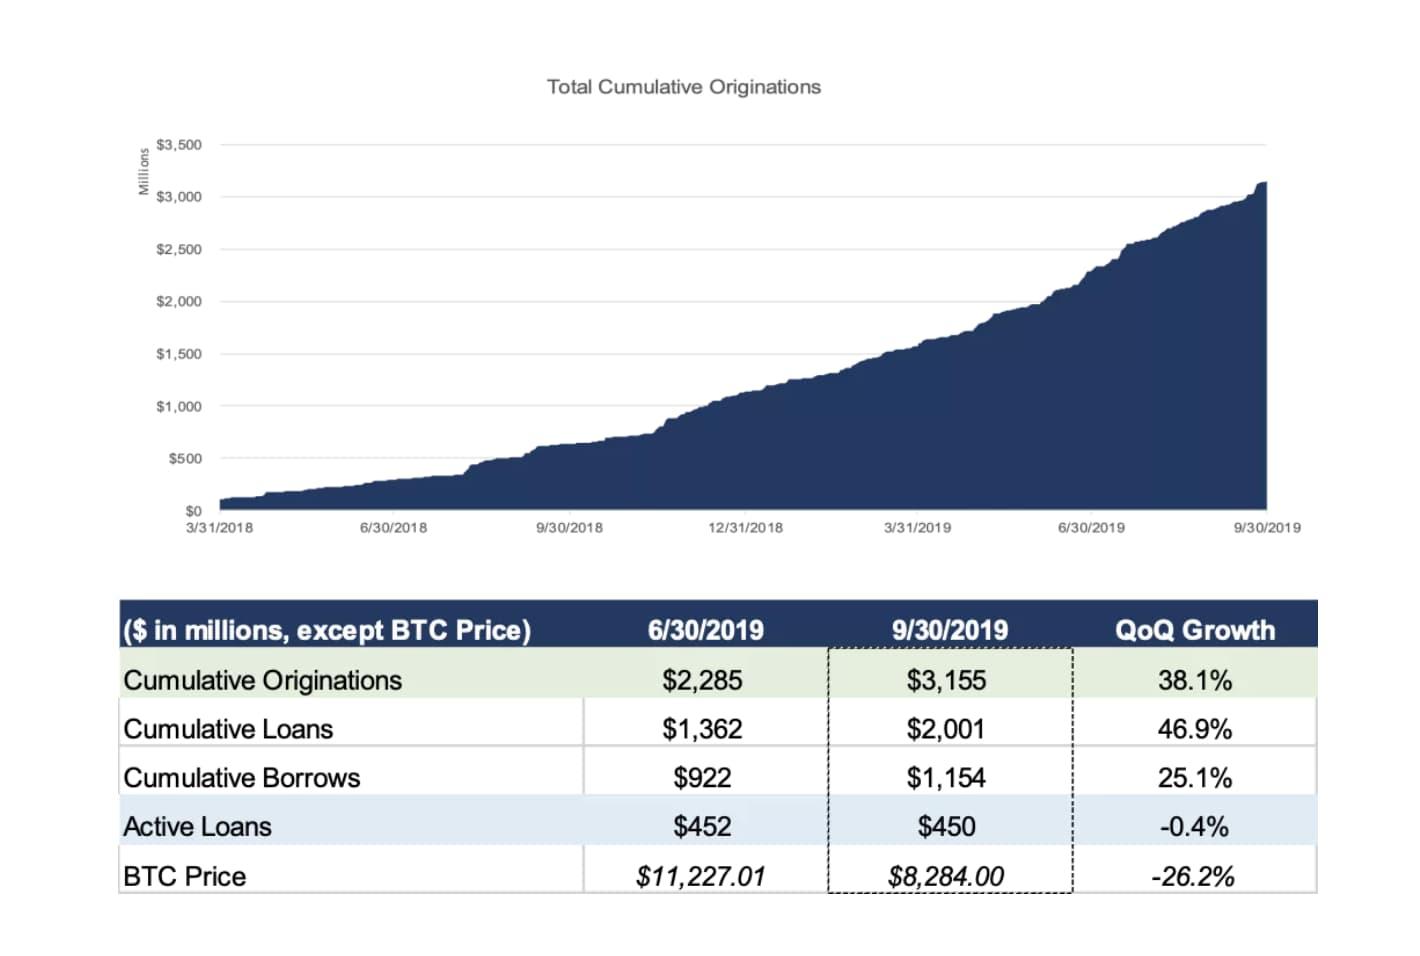 Genesis 报告全文:BTC 现金贷需求猛增,近七成来自亚洲